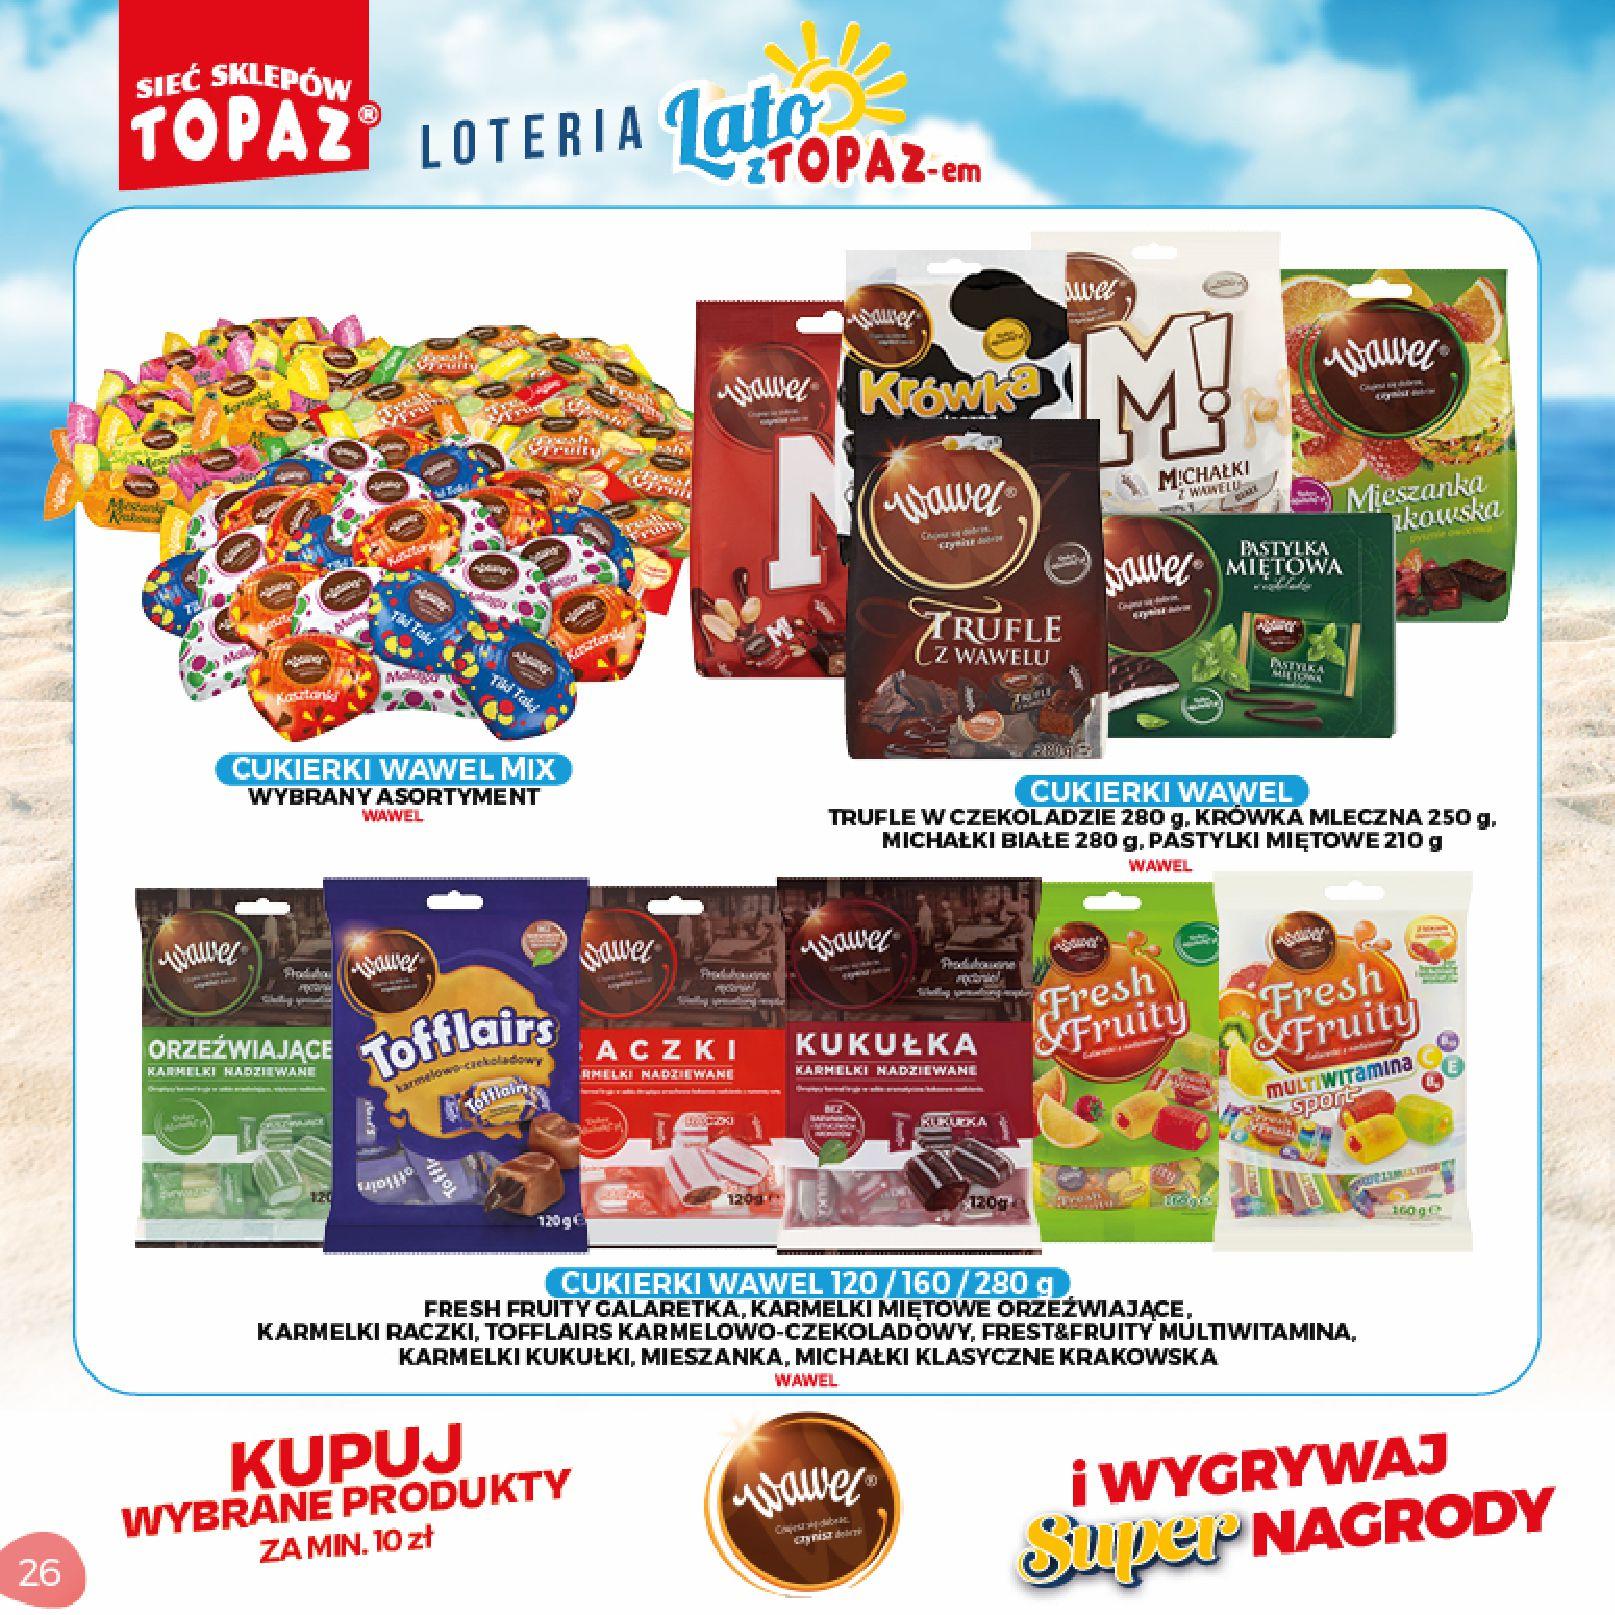 Gazetka TOPAZ: Gazetka TOPAZ - Loteria 2021-07-05 page-26